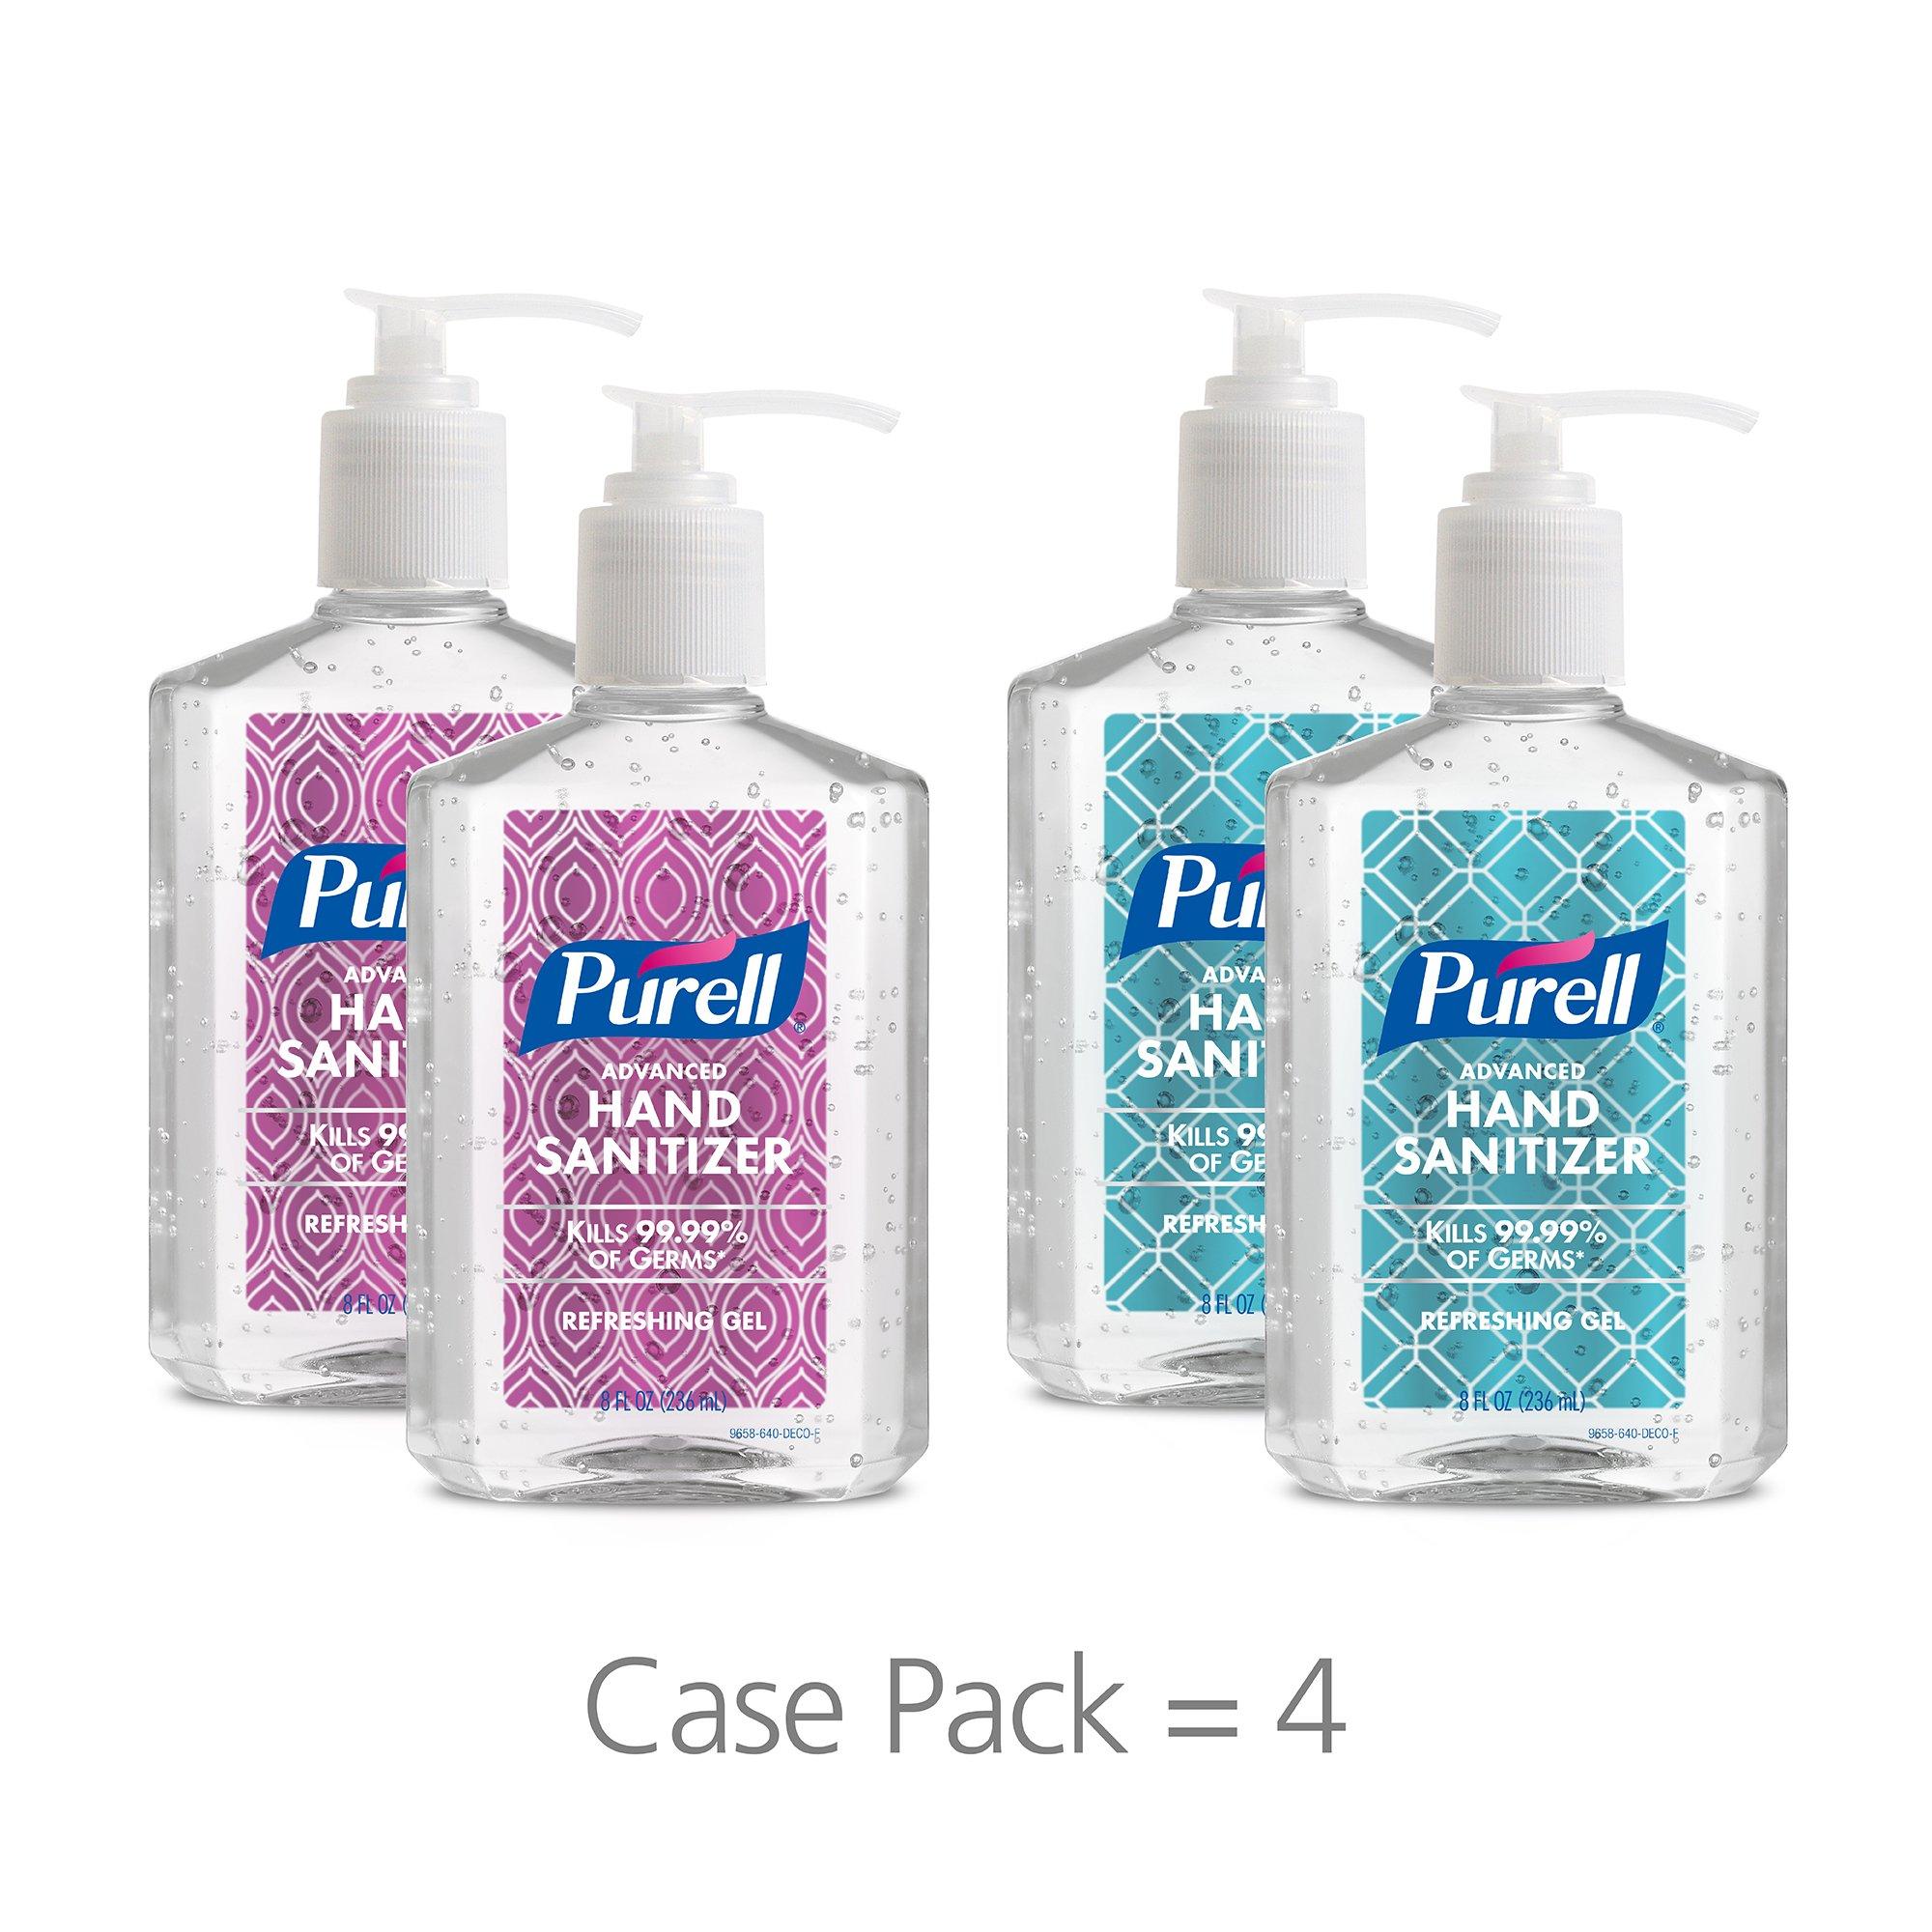 PURELL Advanced Hand Sanitizer Gel, Metallic Design Series, 8 fl oz Counter Top Pump Bottle (Pack of 4) 9658-06-ECDECO